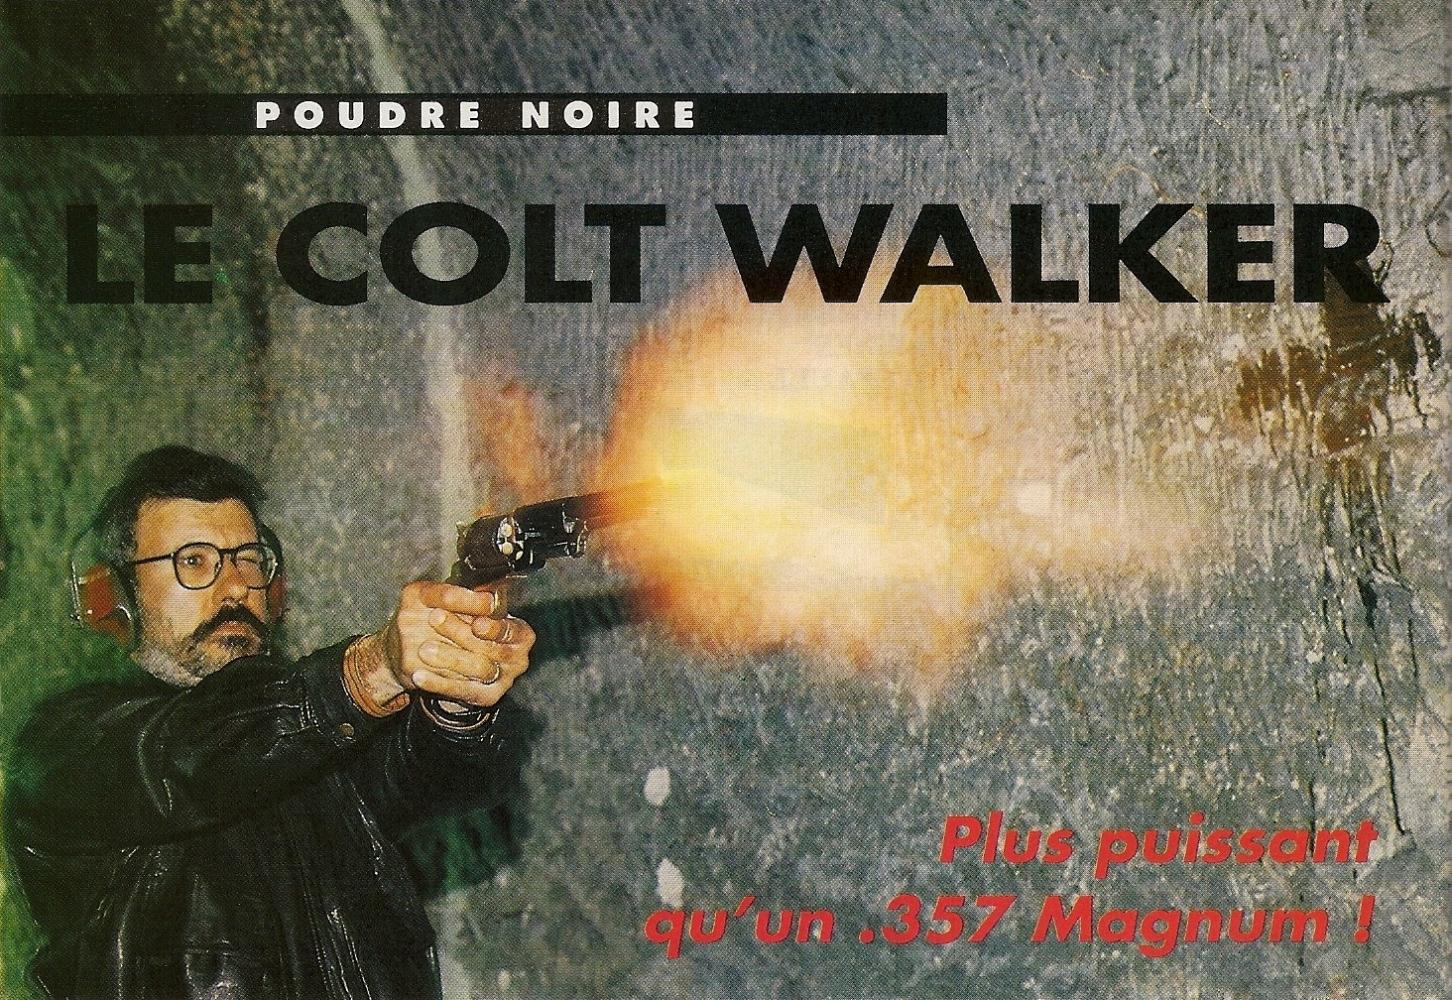 Les performances de la réplique du plus gros et du plus puissant revolver à poudre noire jamais fabriqué, le Colt Walker 1847, dépassent, en quantité de mouvement et en « Stopping power », celles d'un moderne Colt Python chambré en calibre .357 Magnum !